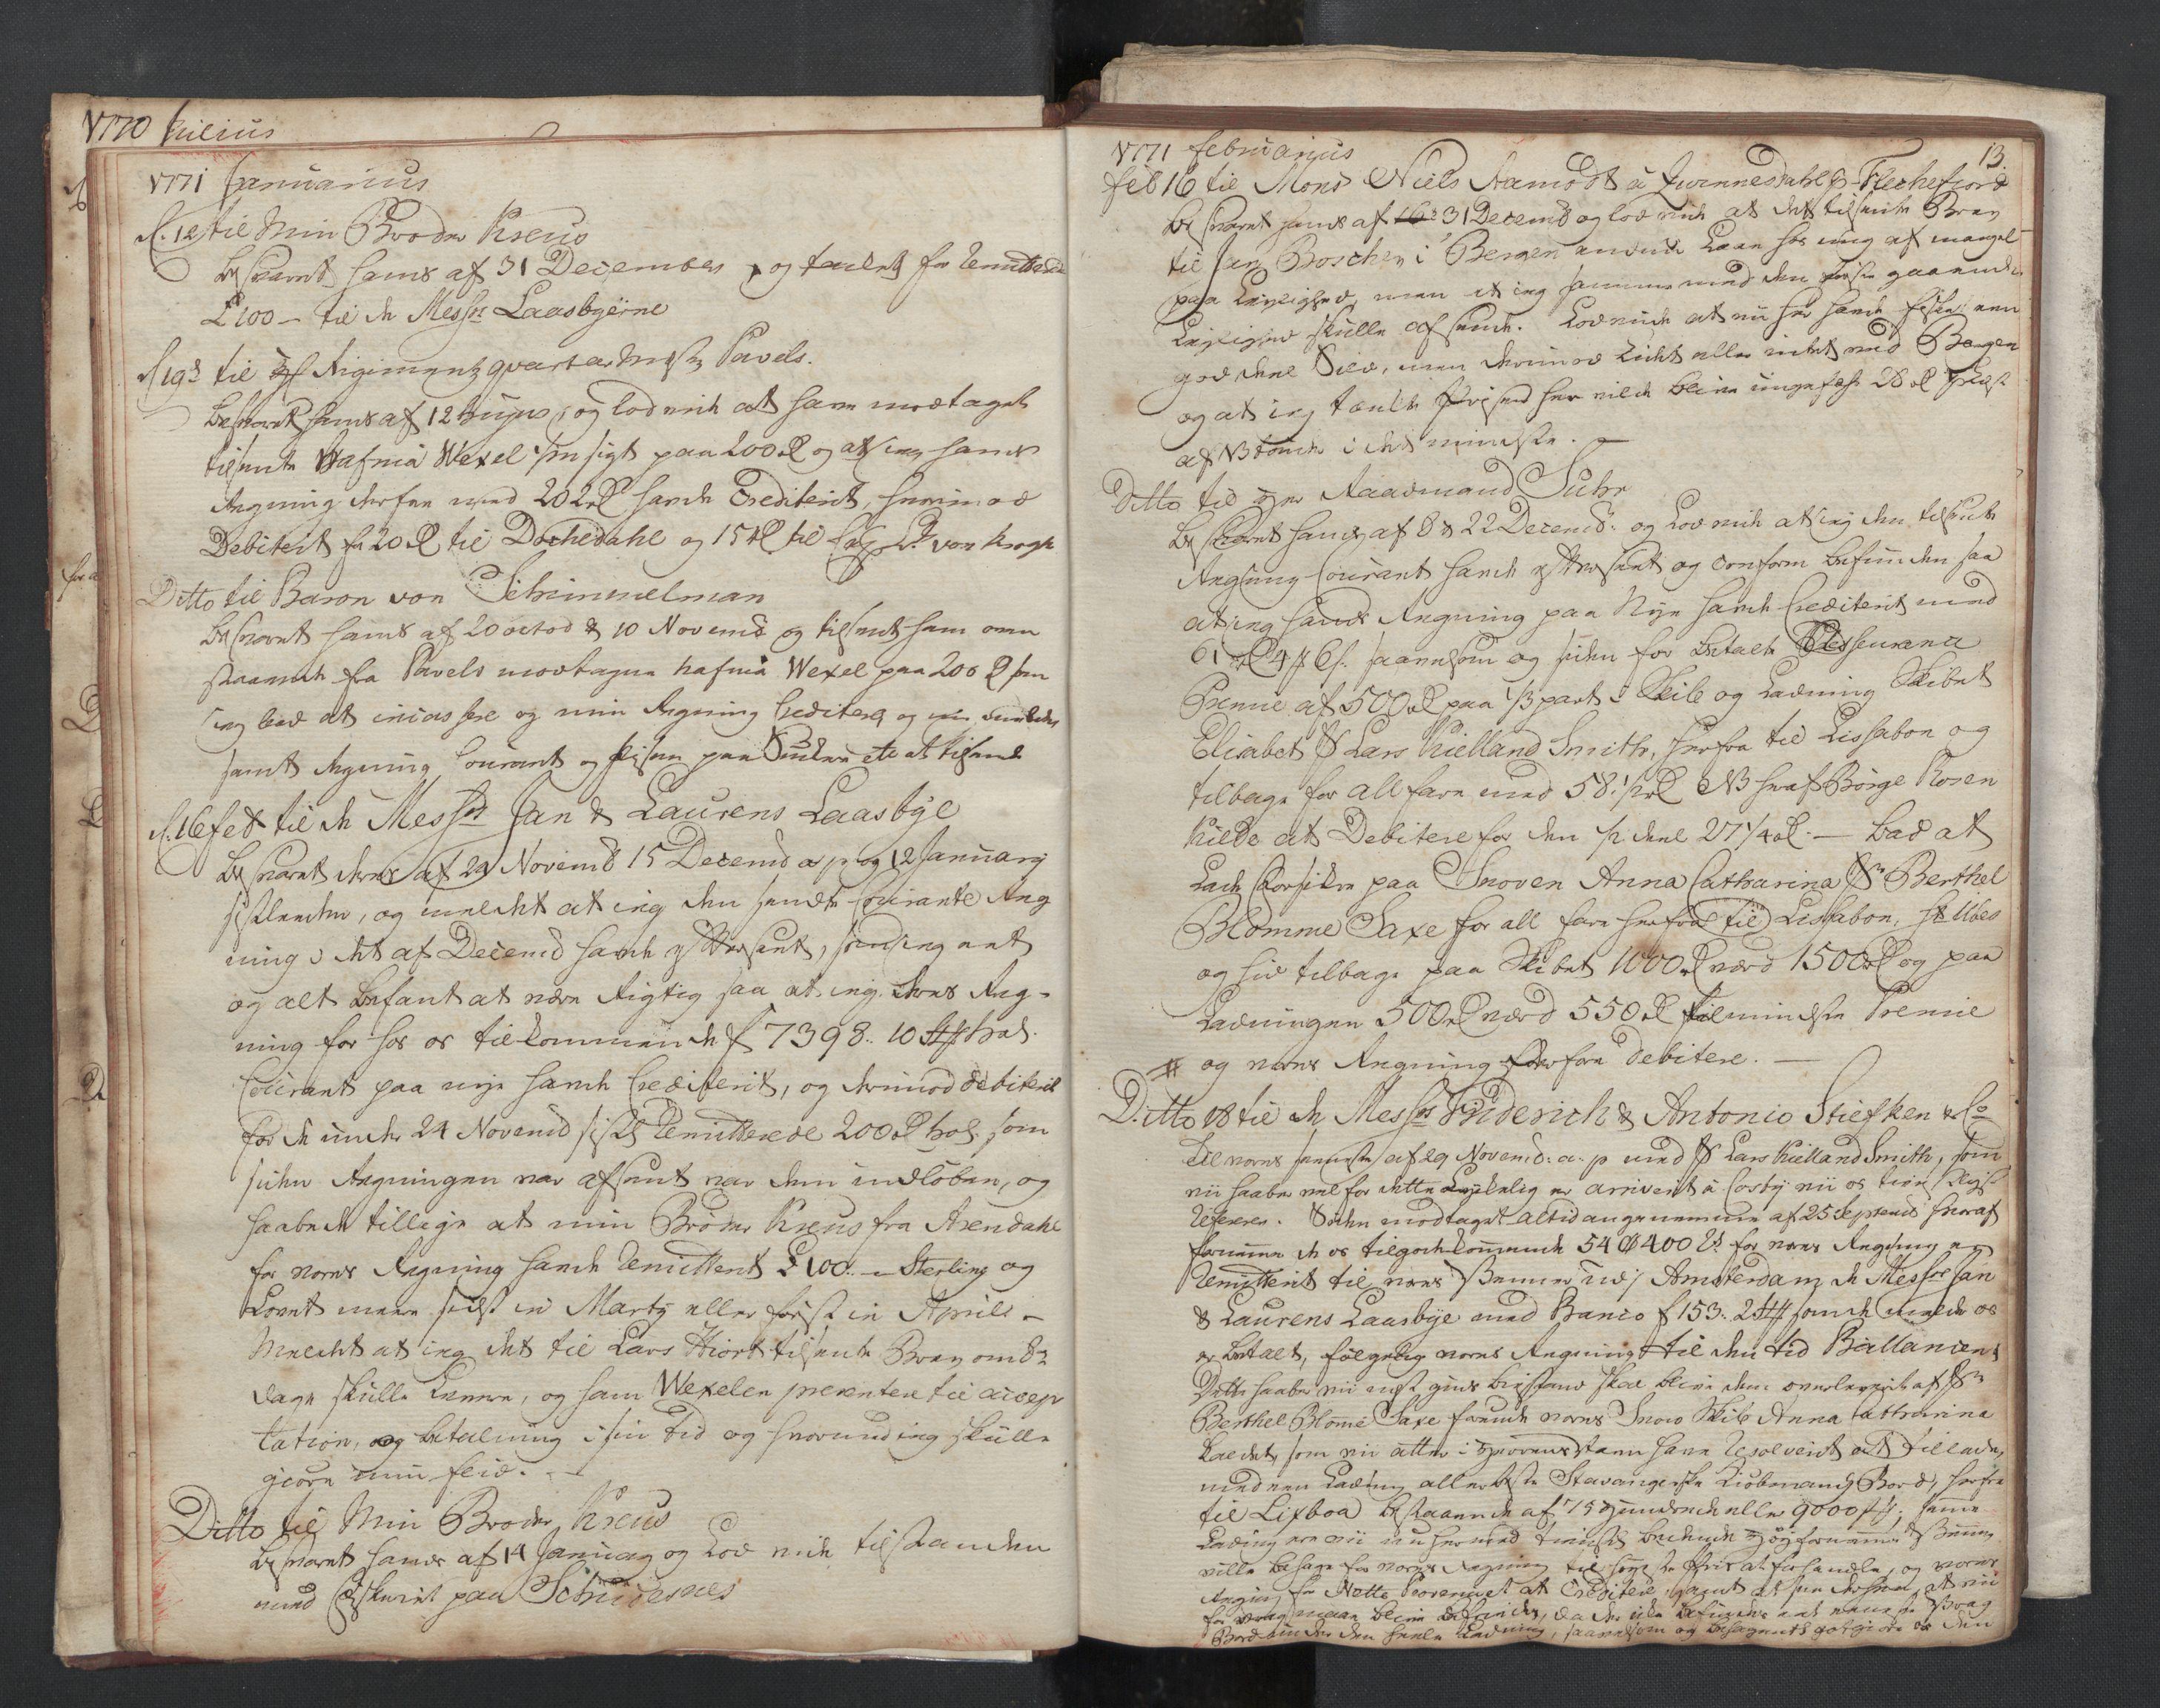 SAST, Pa 0003 - Ploug & Sundt, handelshuset, B/L0002: Kopibok, 1770-1775, s. 12b-13a